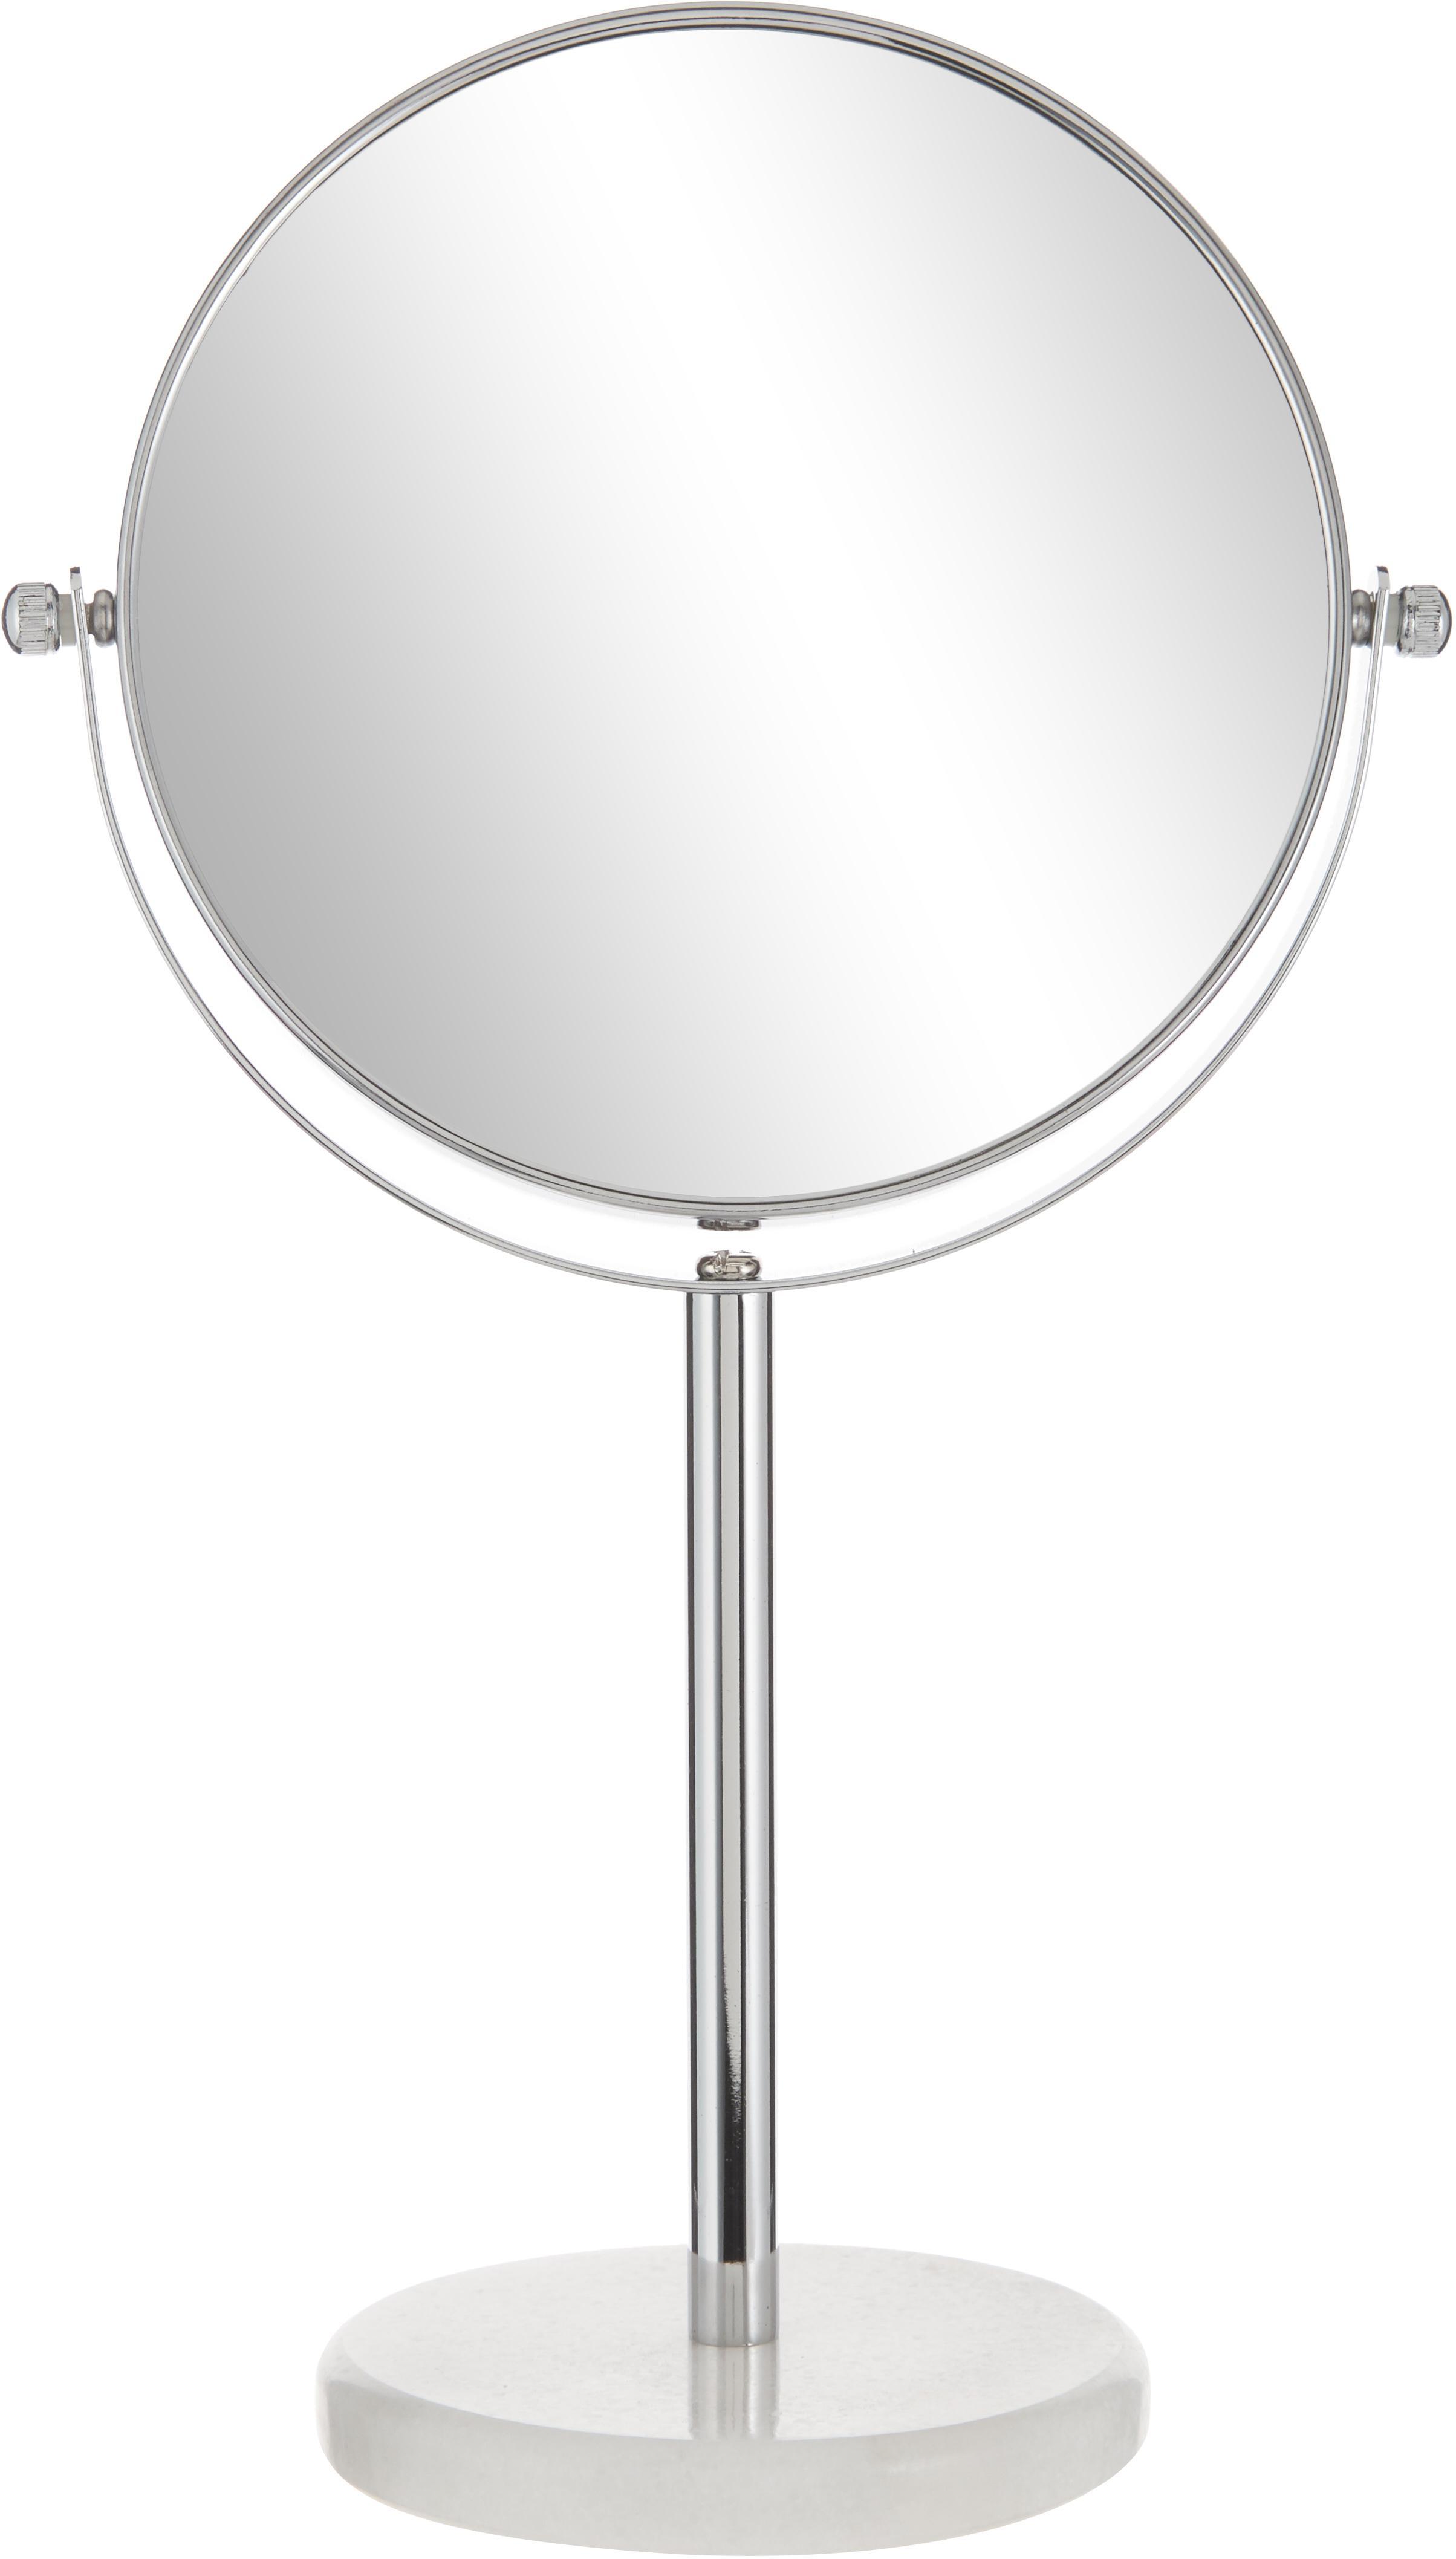 Kosmetikspiegel Copper mit Vergrößerung, Rahmen: Metall, verchromt, Spiegelfläche: Spiegelglas, Weiß, Silberfarben, Ø 20 x H 34 cm